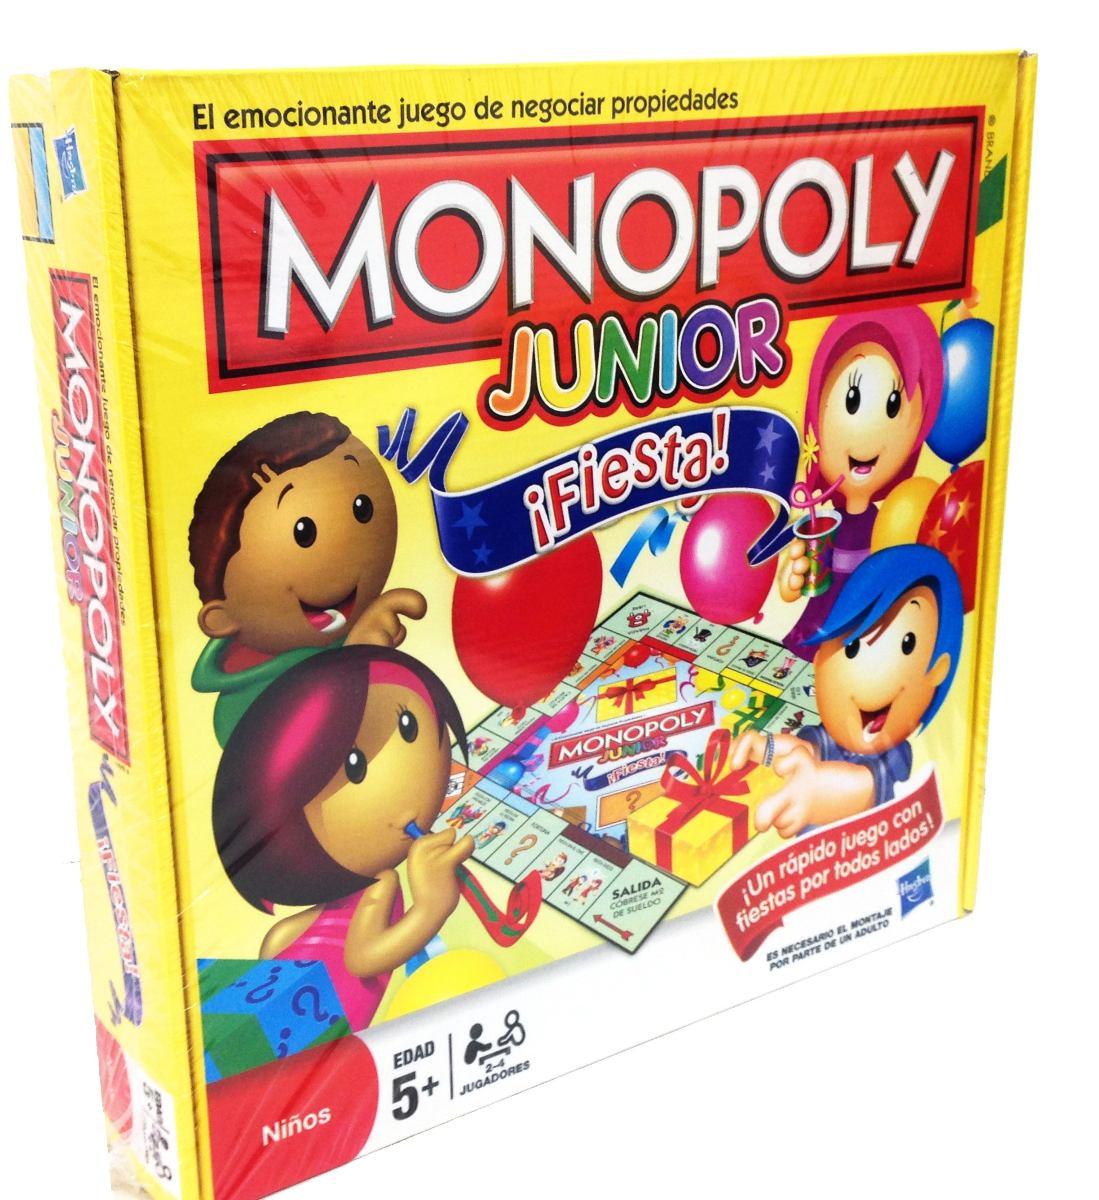 Monopoly Junior Fiesta Juego De Mesa Para Ninos Hasbro